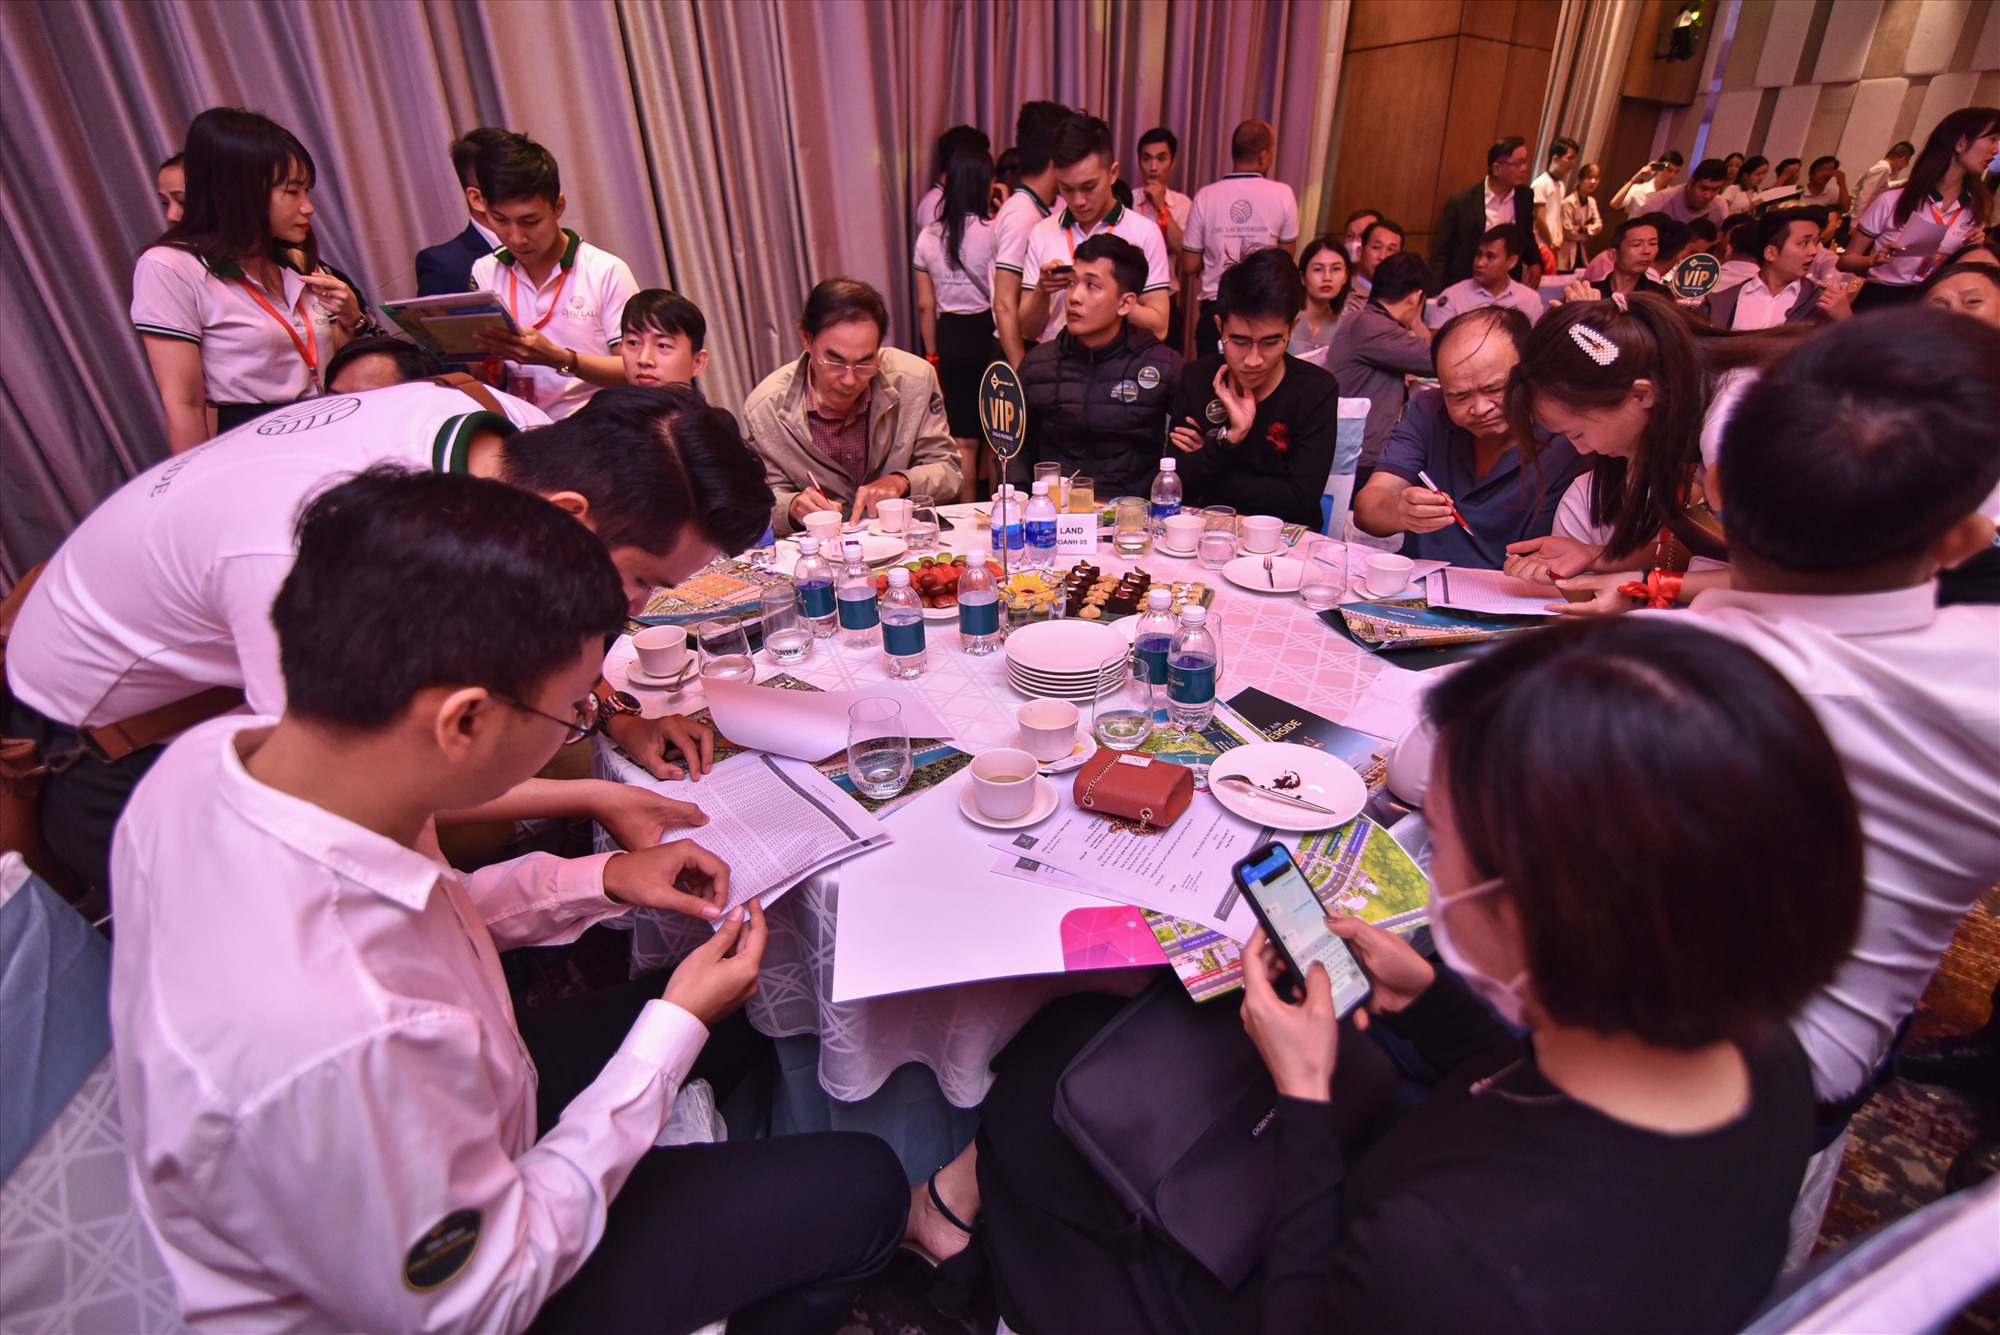 Chu Lai Riverside giao dịch sôi động, là điểm sáng trên thị trường bất động sản nhờ mức giá hợp lý, chỉ từ 8 triệu đồng/m2